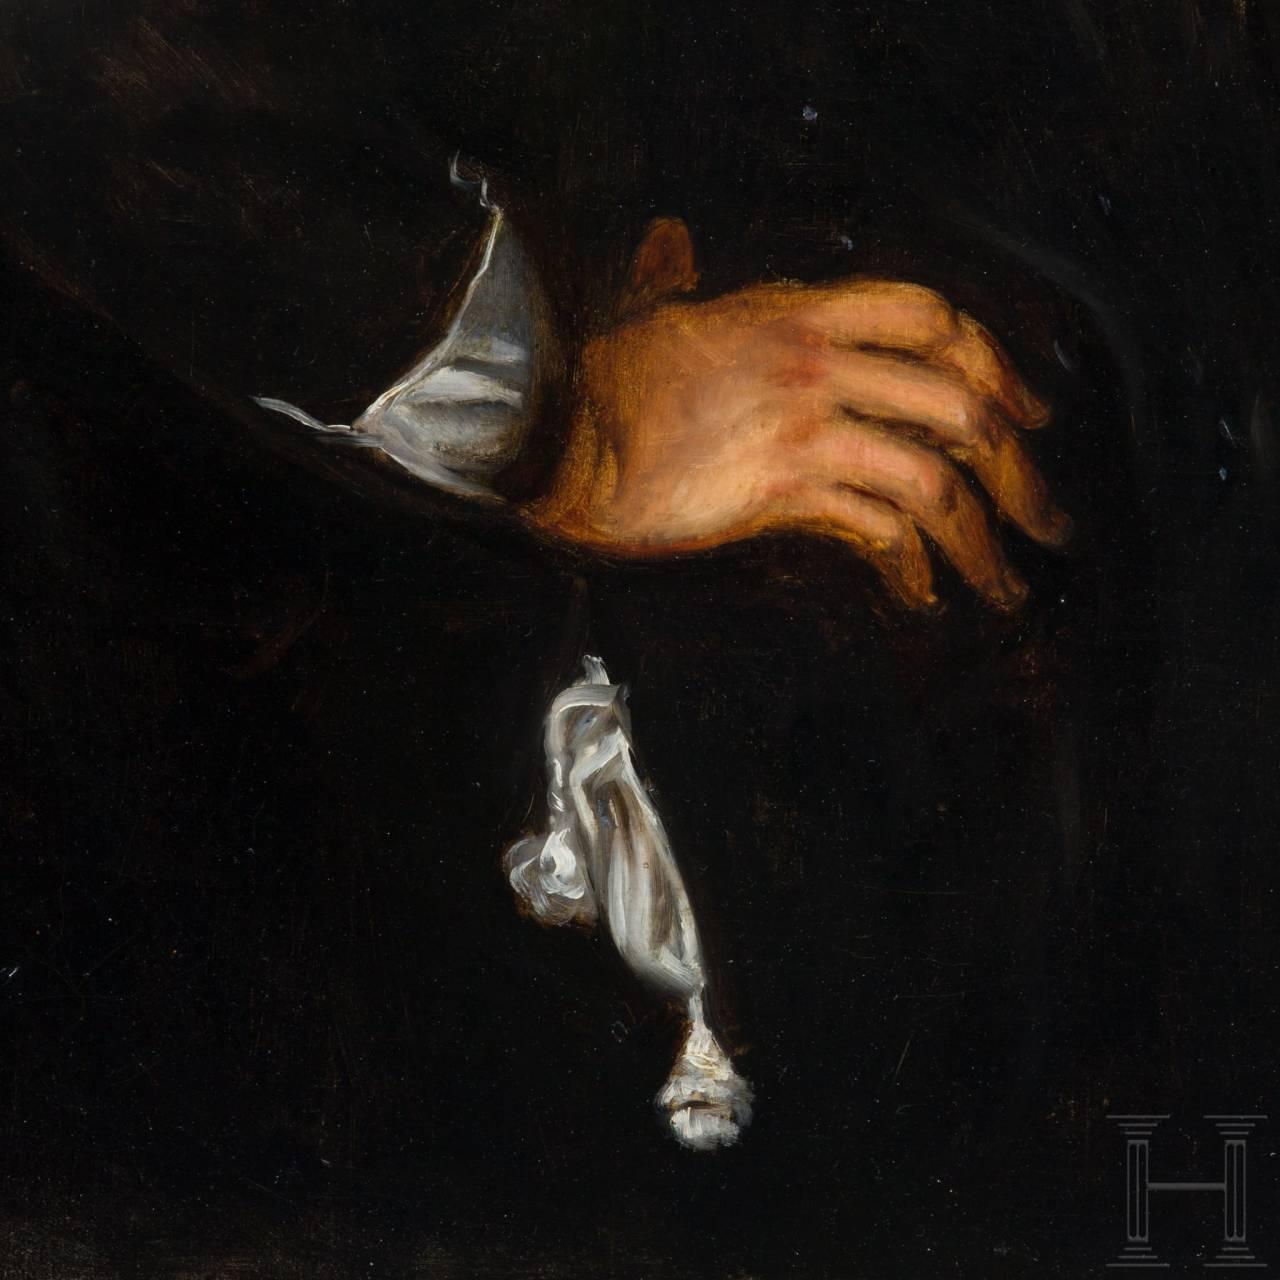 Portrait eines Mitgliedes einer Armbrustschützengesellschaft, Niederlande, datiert 1665